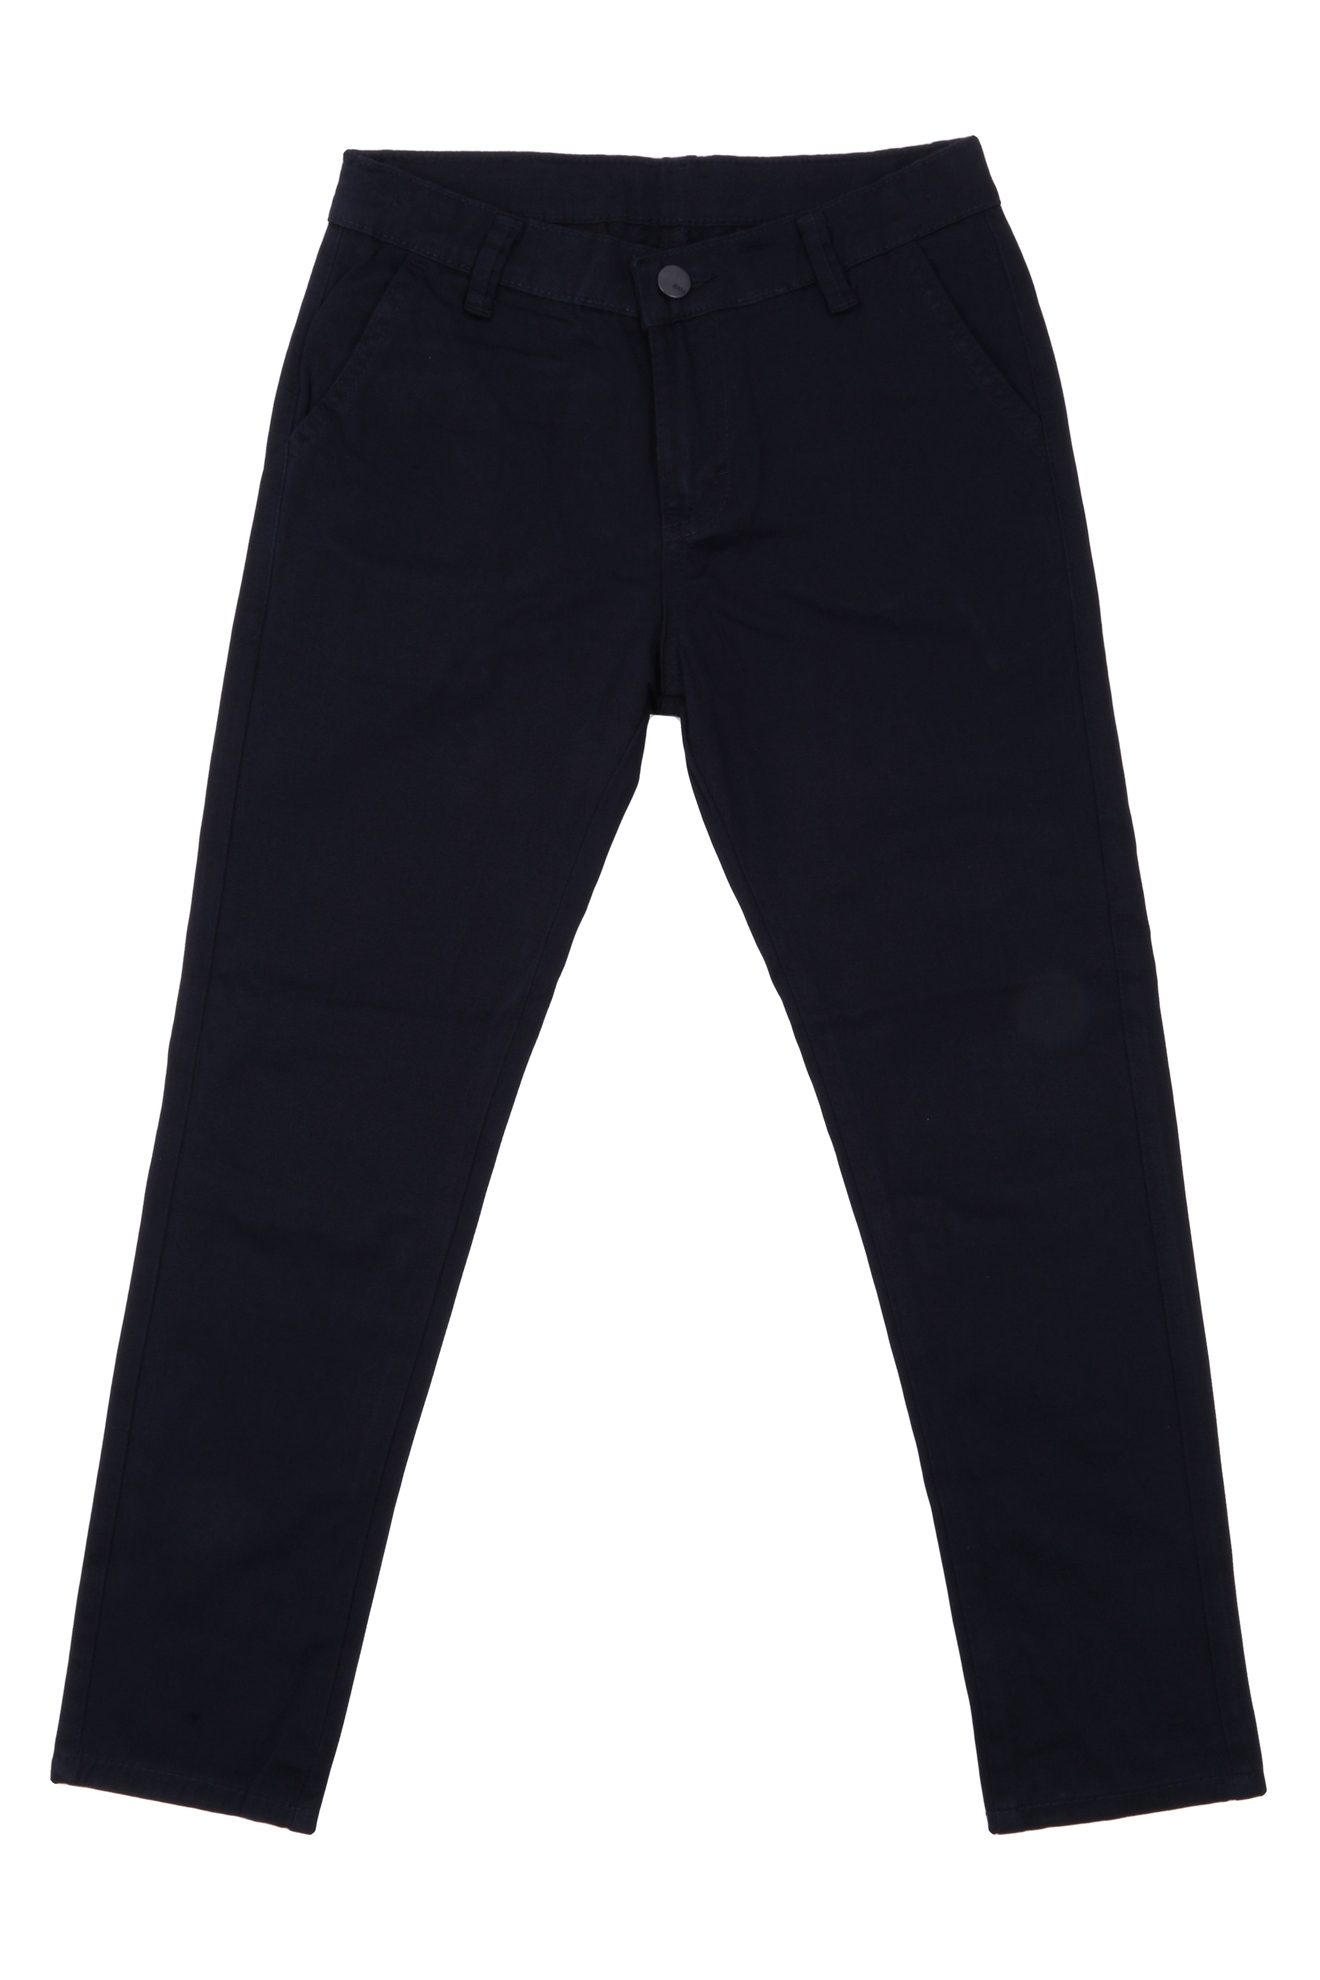 Джинсы для мальчика чёрного цвета  (Арт. D-JEANS 2839)